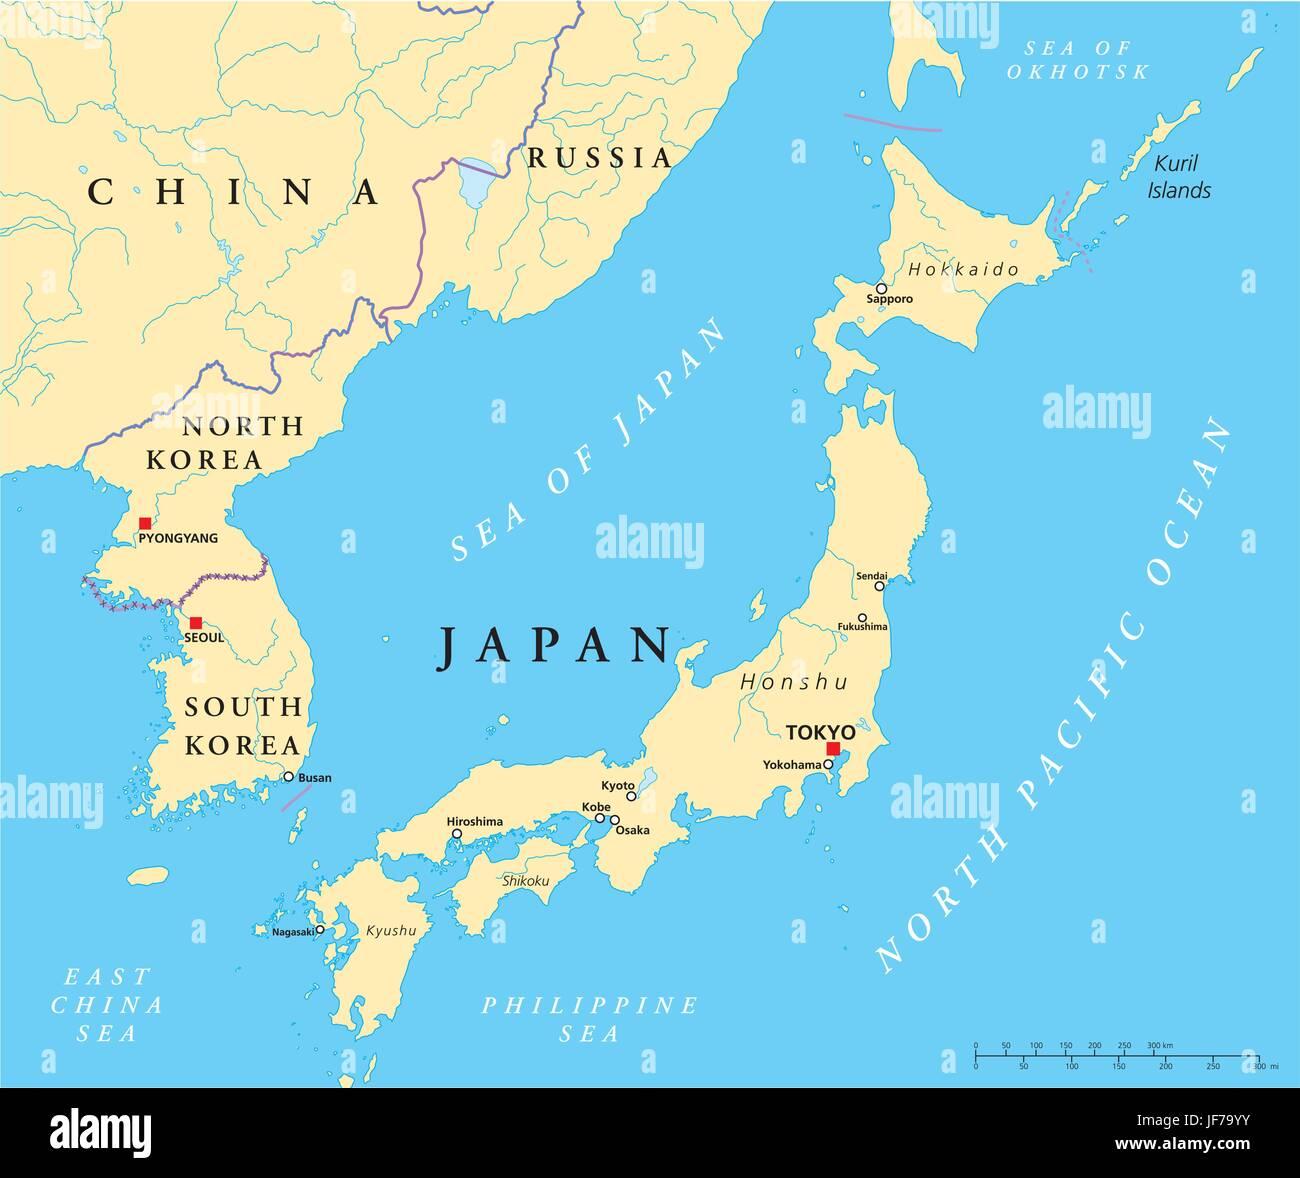 Cartina Mondo Corea.Giappone Corea Corea Del Nord Mappa Atlas Mappa Del Mondo Tokyo Illustrazione Immagine E Vettoriale Alamy